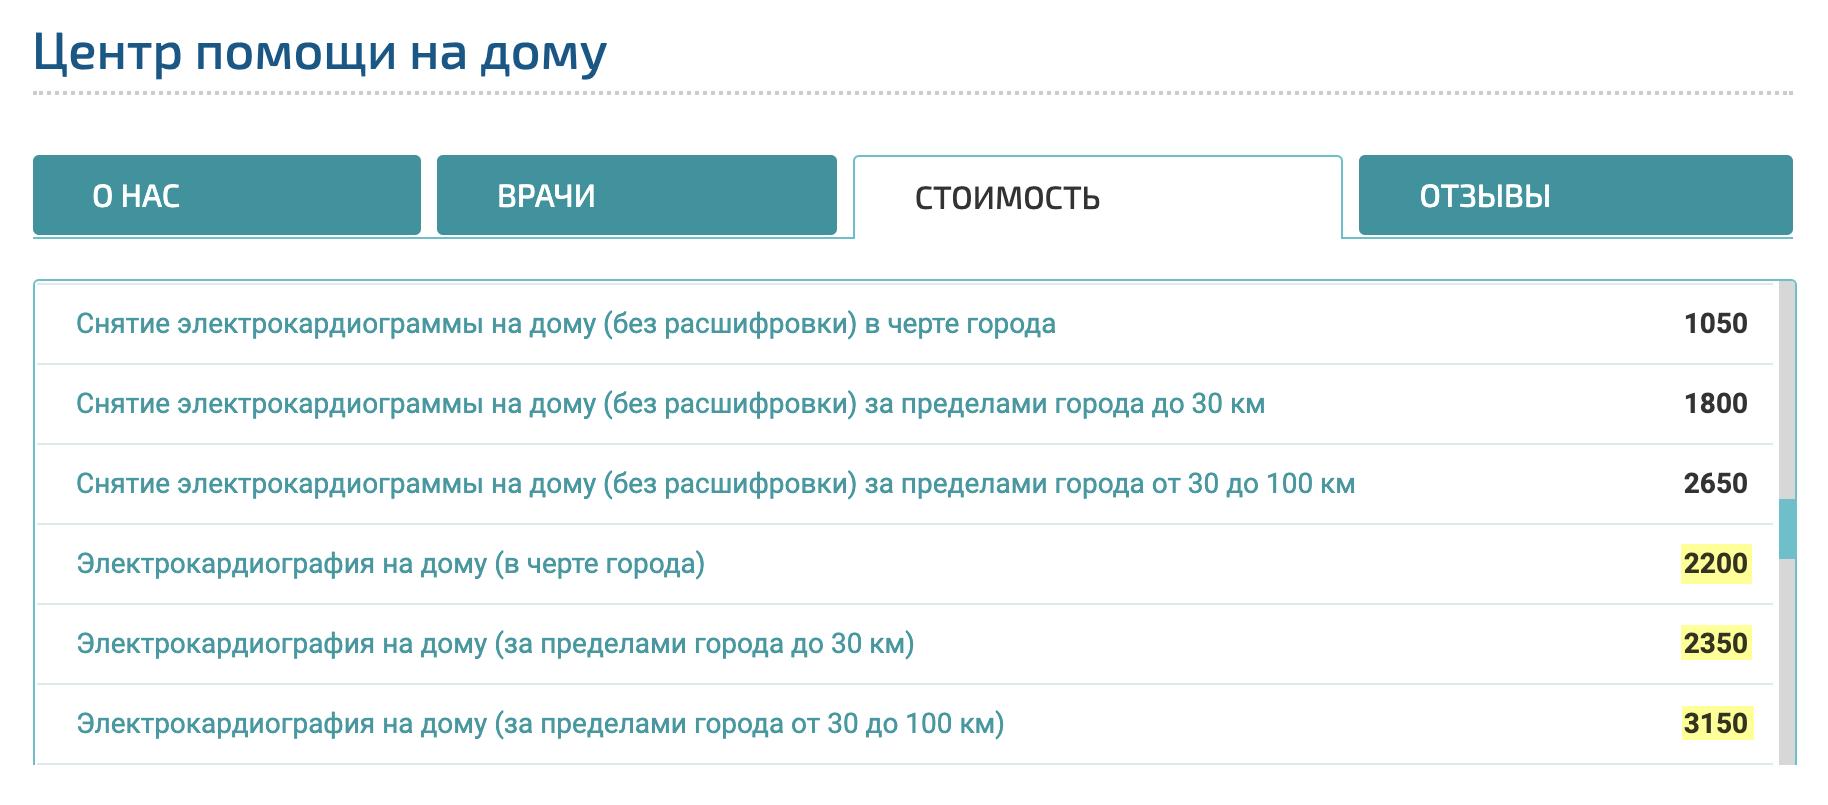 В моем городе ЭКГ на дому в коммерческих клиниках стоит 1000—2000<span class=ruble>Р</span>